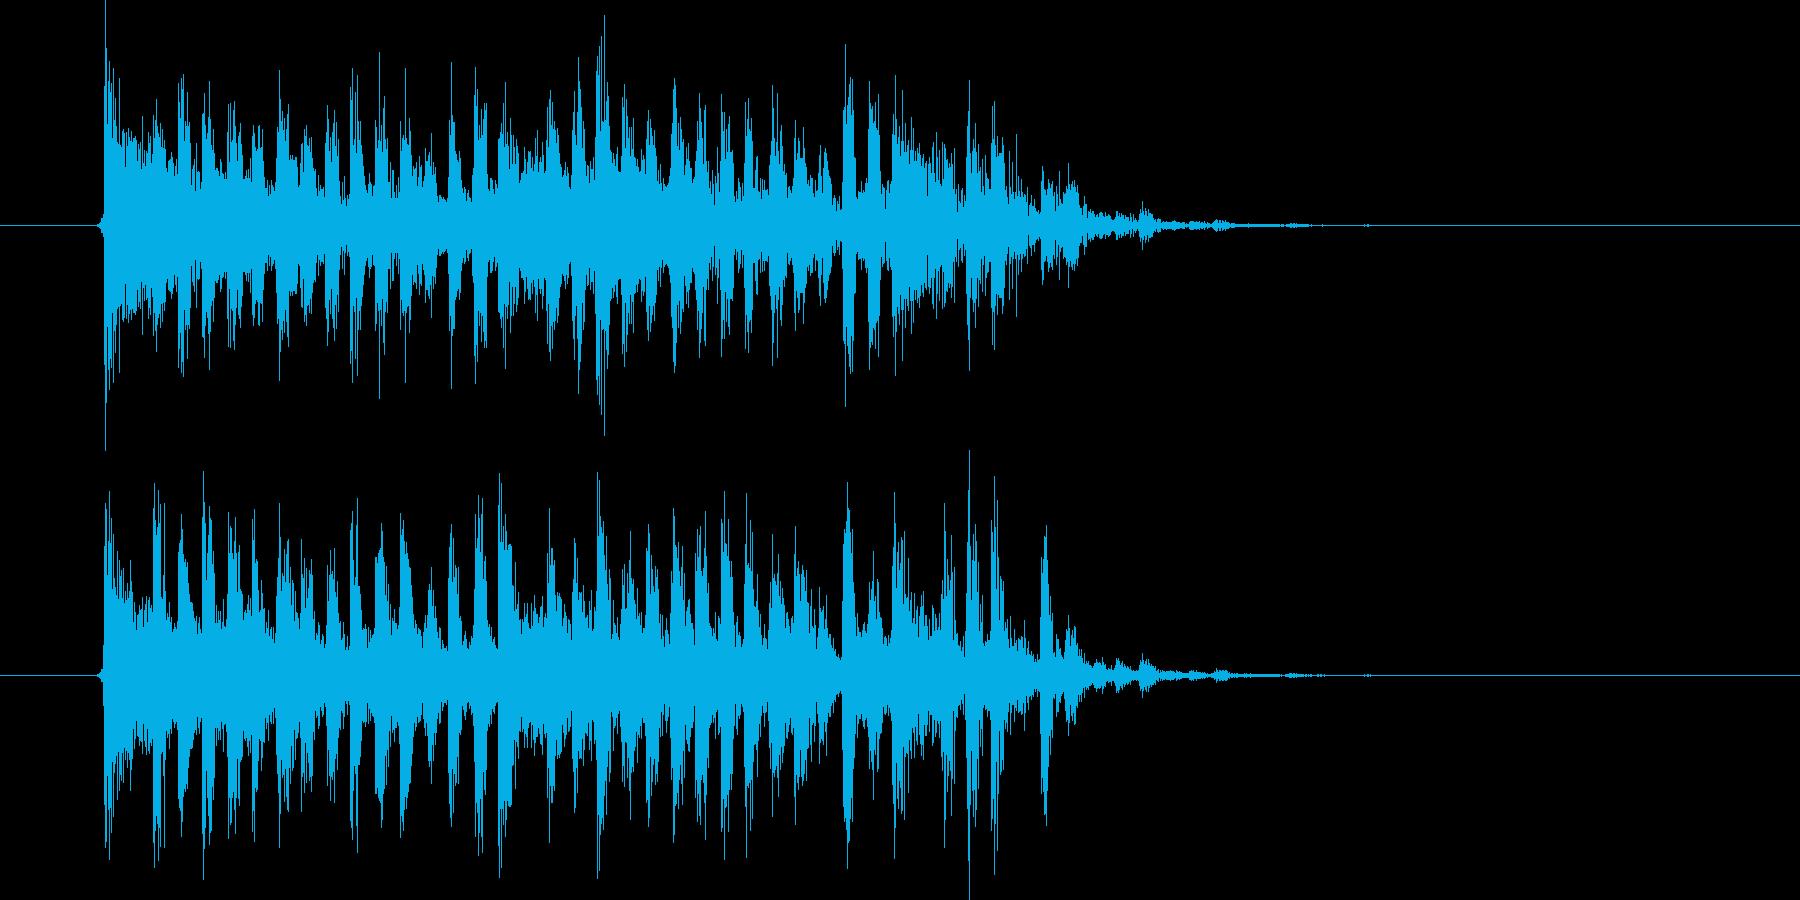 切なく激しいテクノ音楽の再生済みの波形